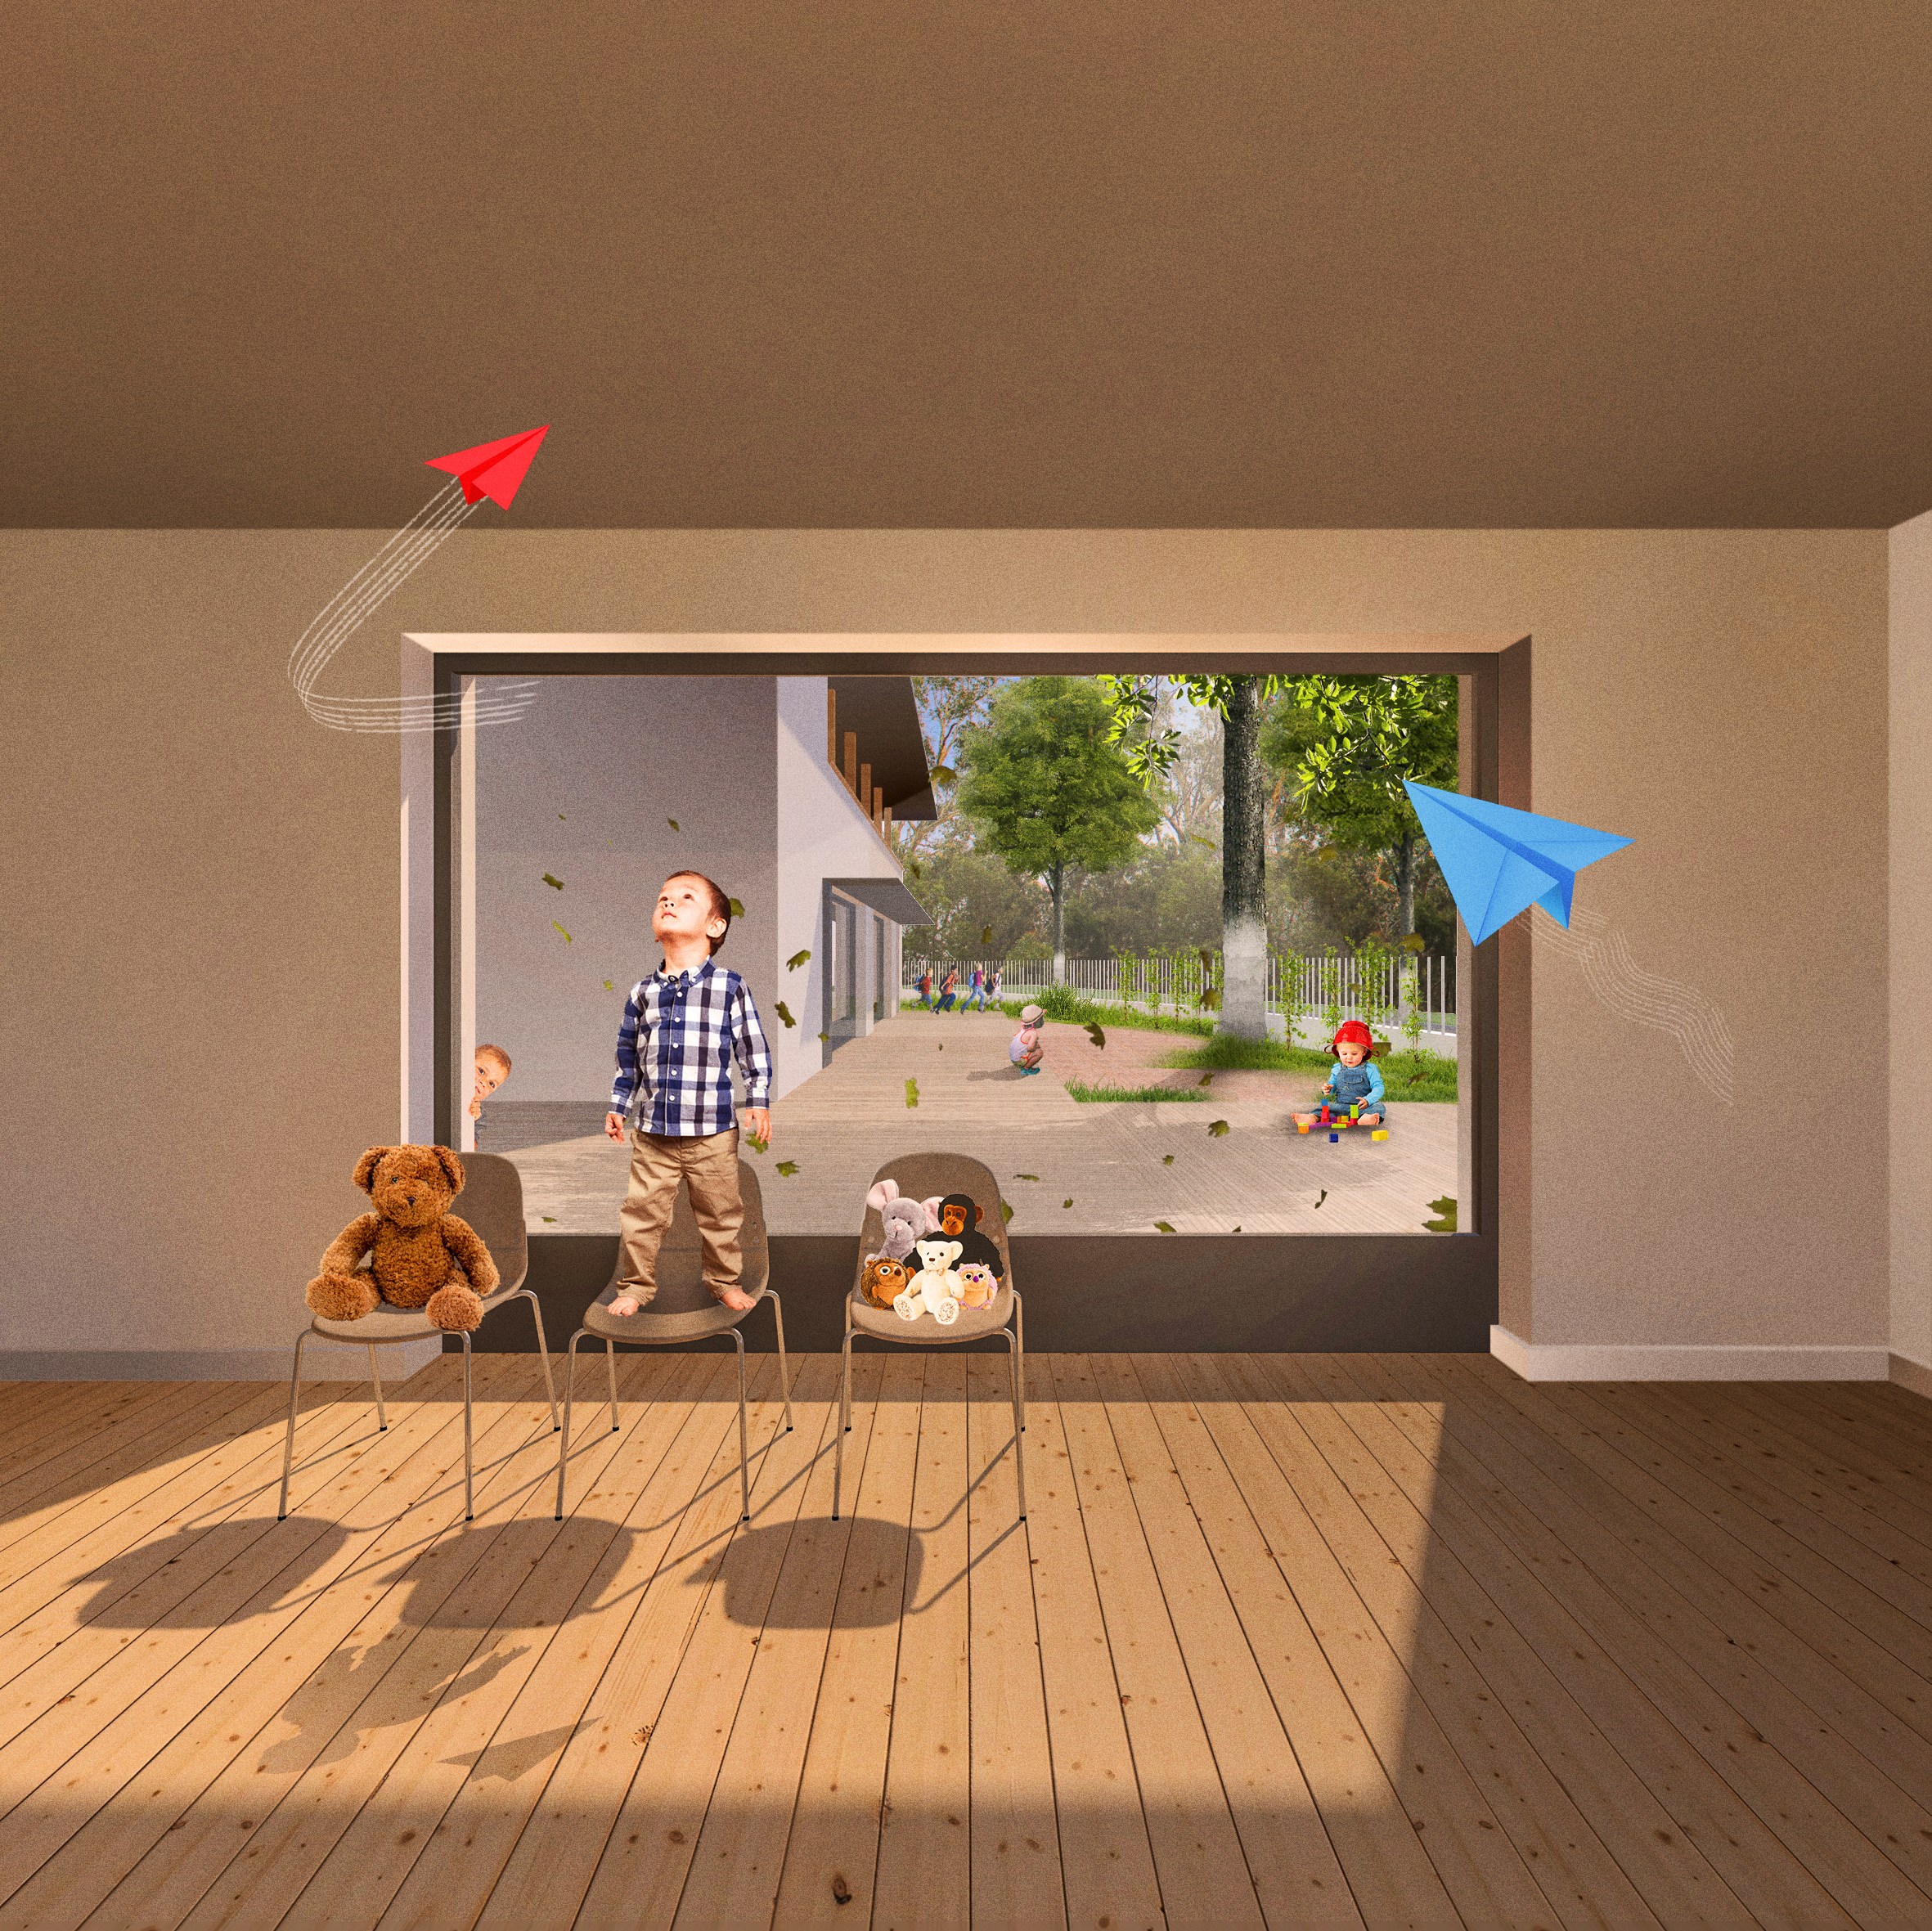 Interior 1 Edit.jpg